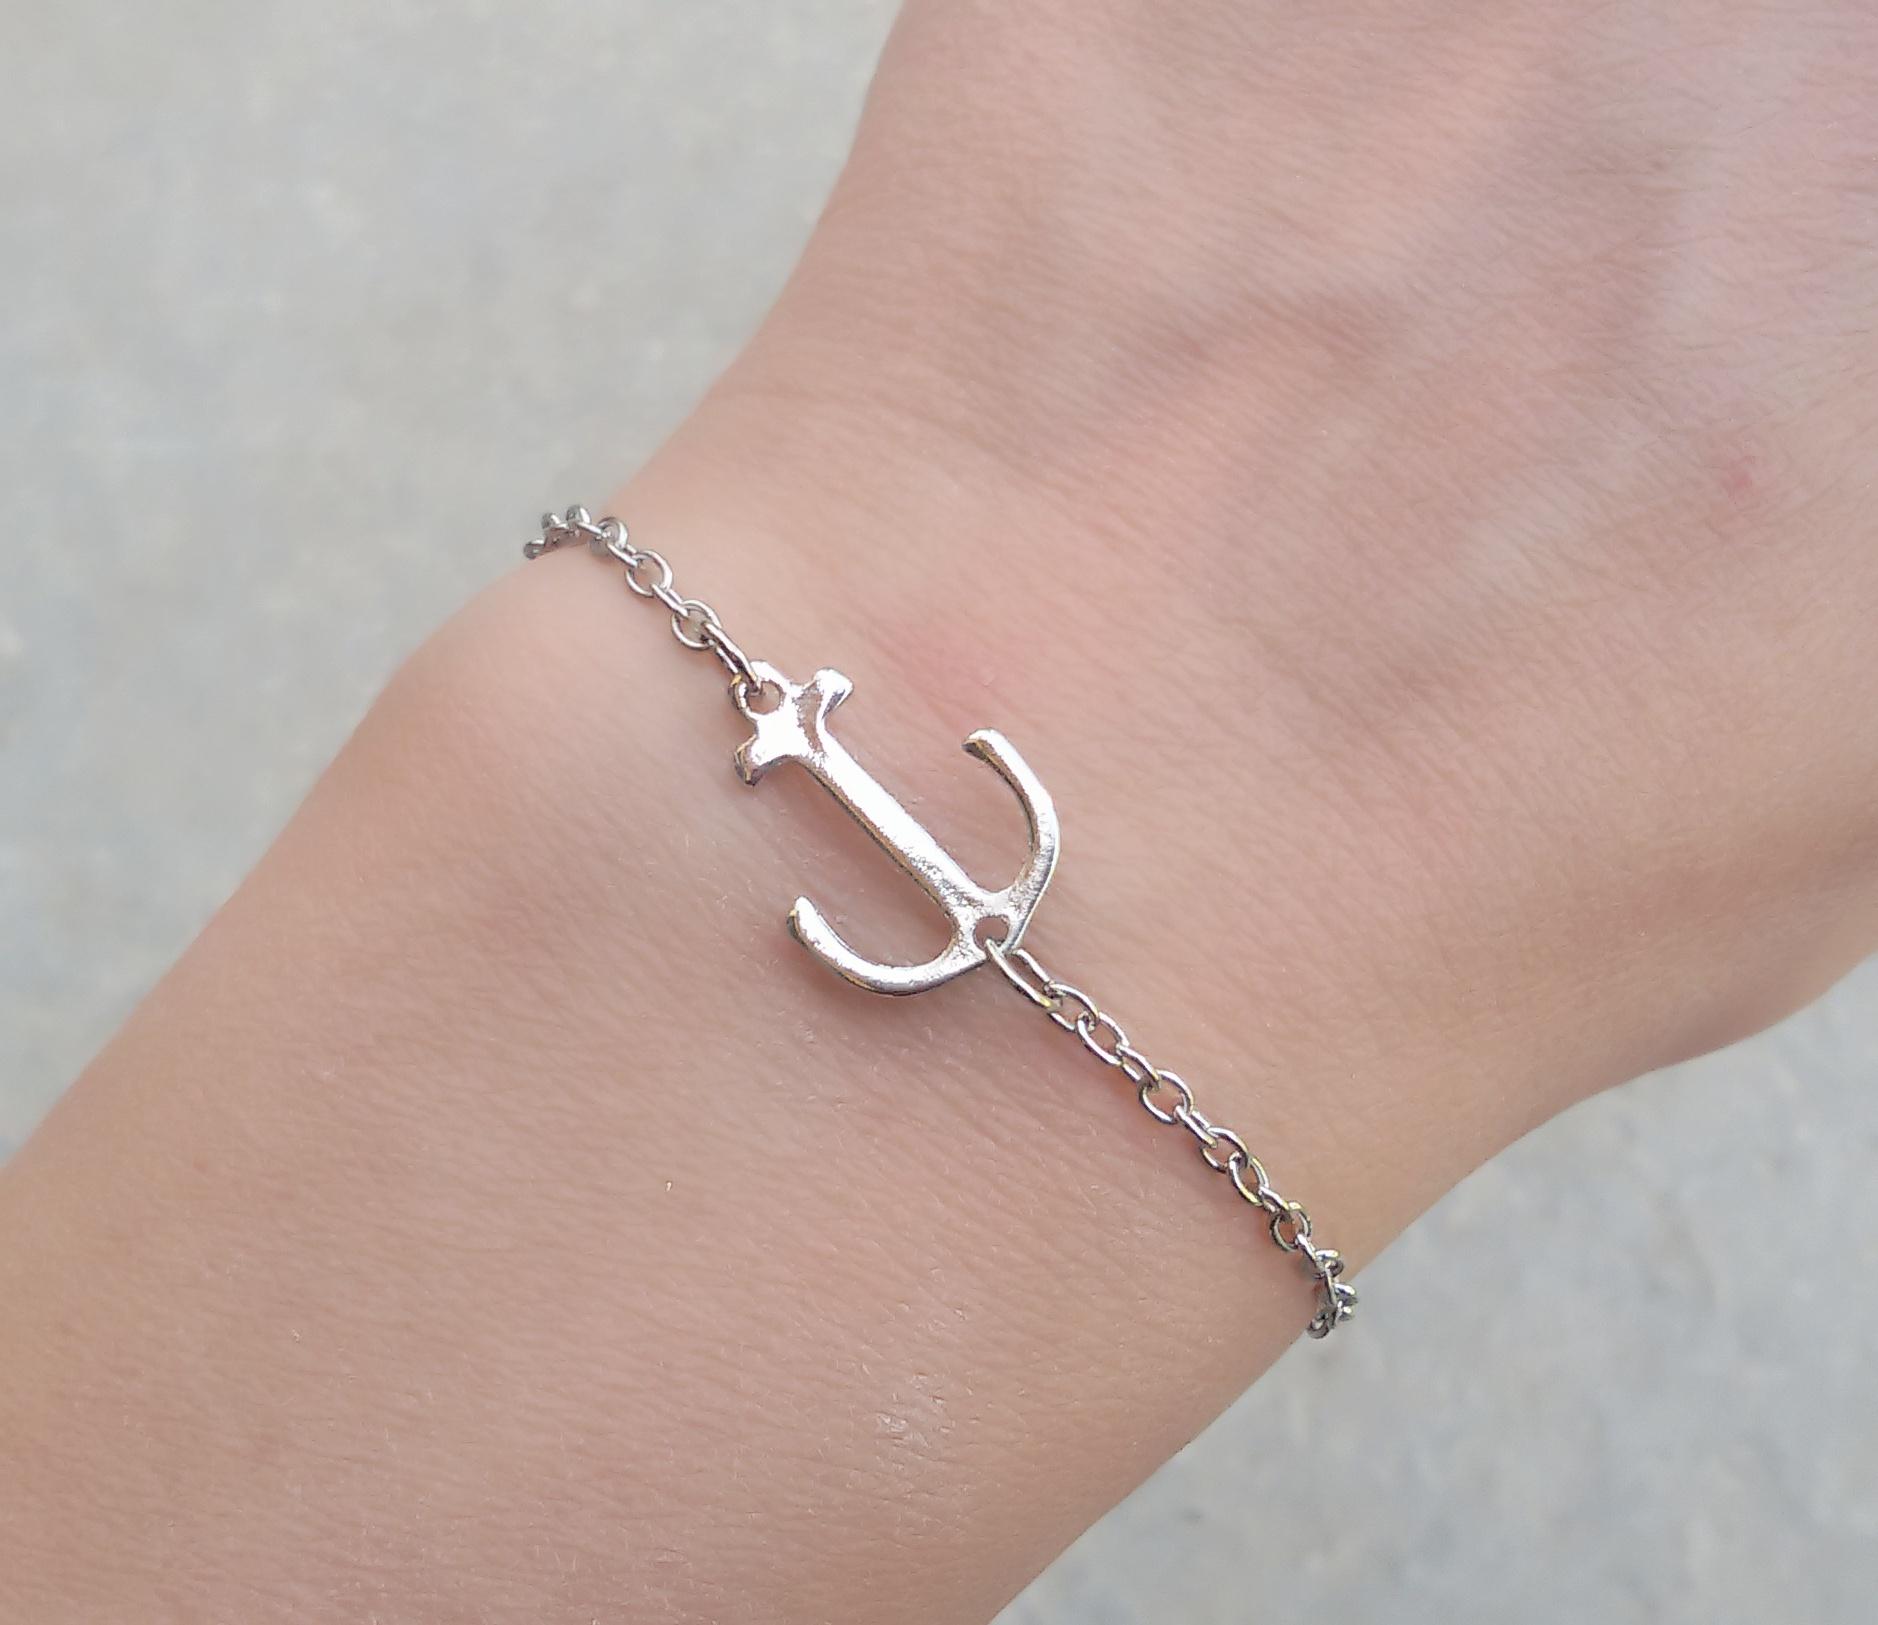 0ca62da0b3406 bracelet ancre argent 2018.Idees cadeaux bijoux femme. Bijoux tendance  2017. Bracelet tendance